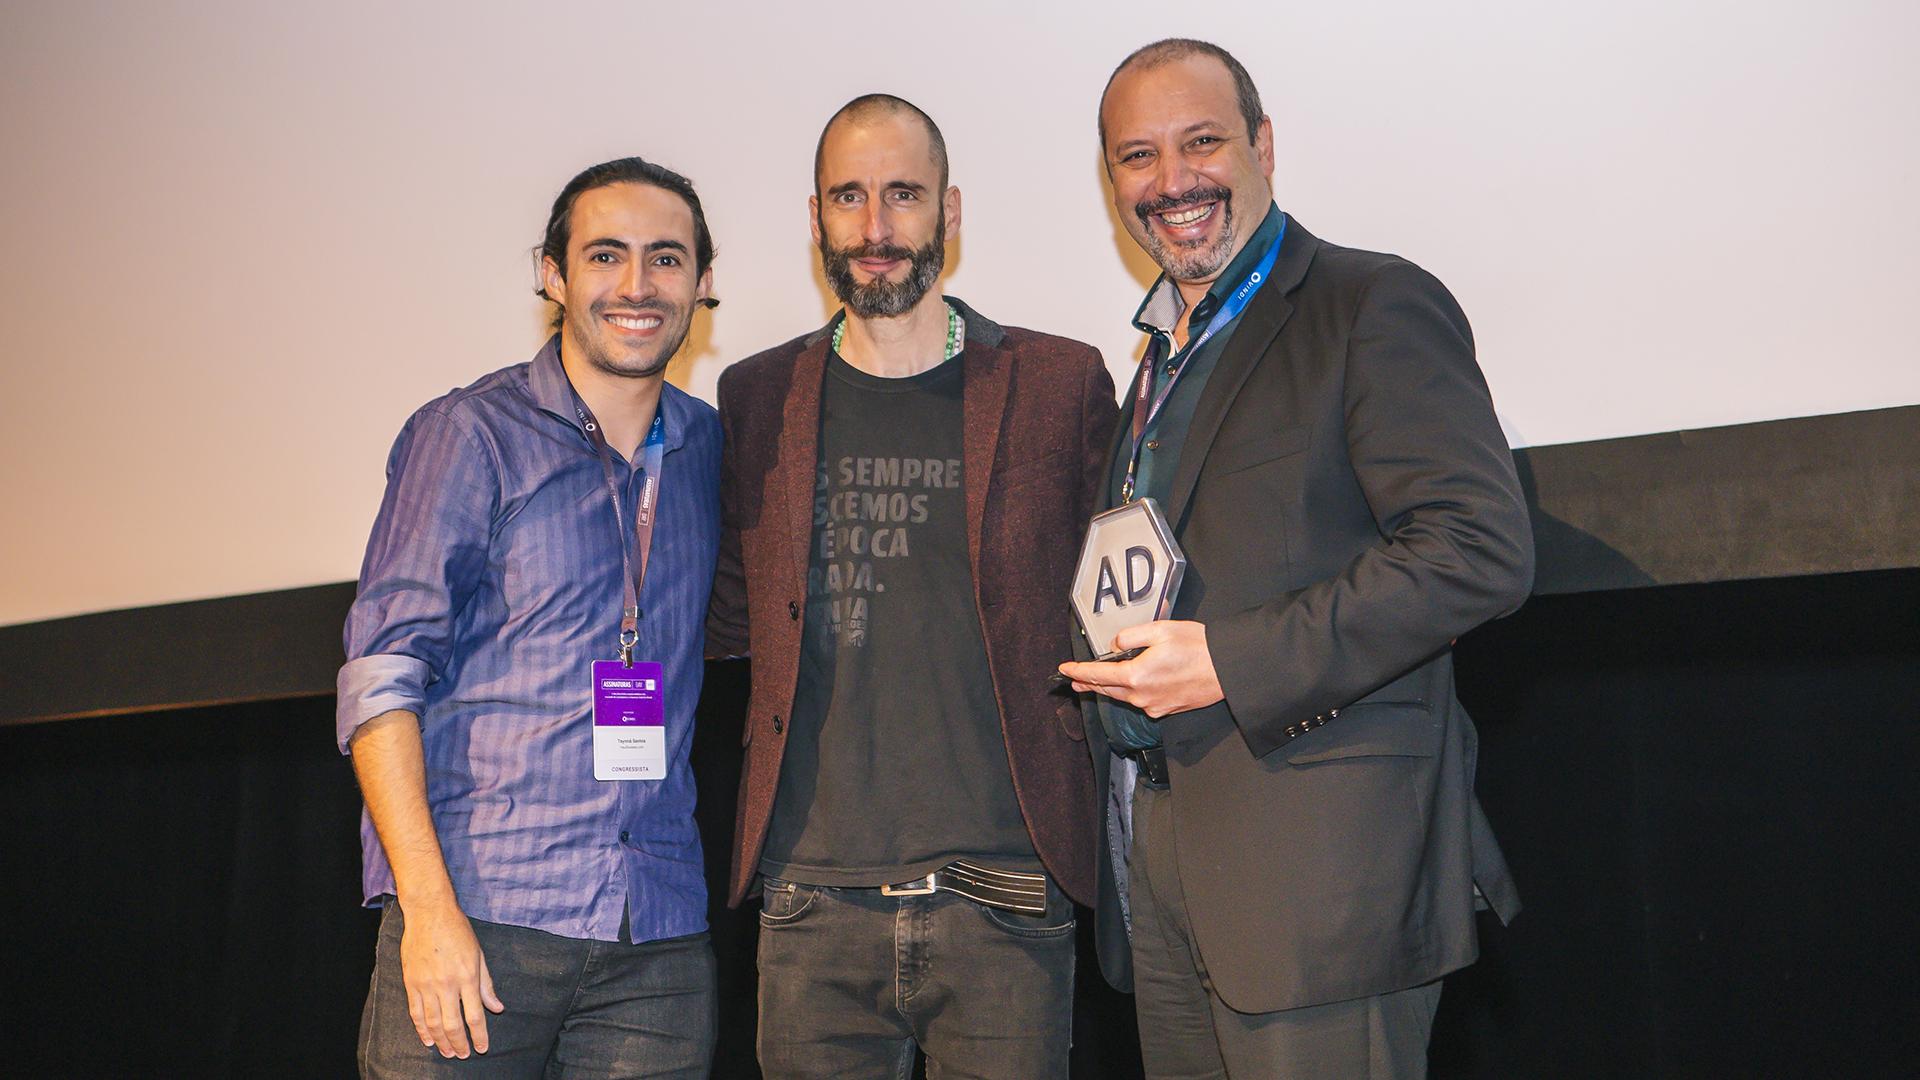 [VÍDEO] meuSucesso.com ganha prêmio como melhor empresa de assinatura de serviços do Brasil